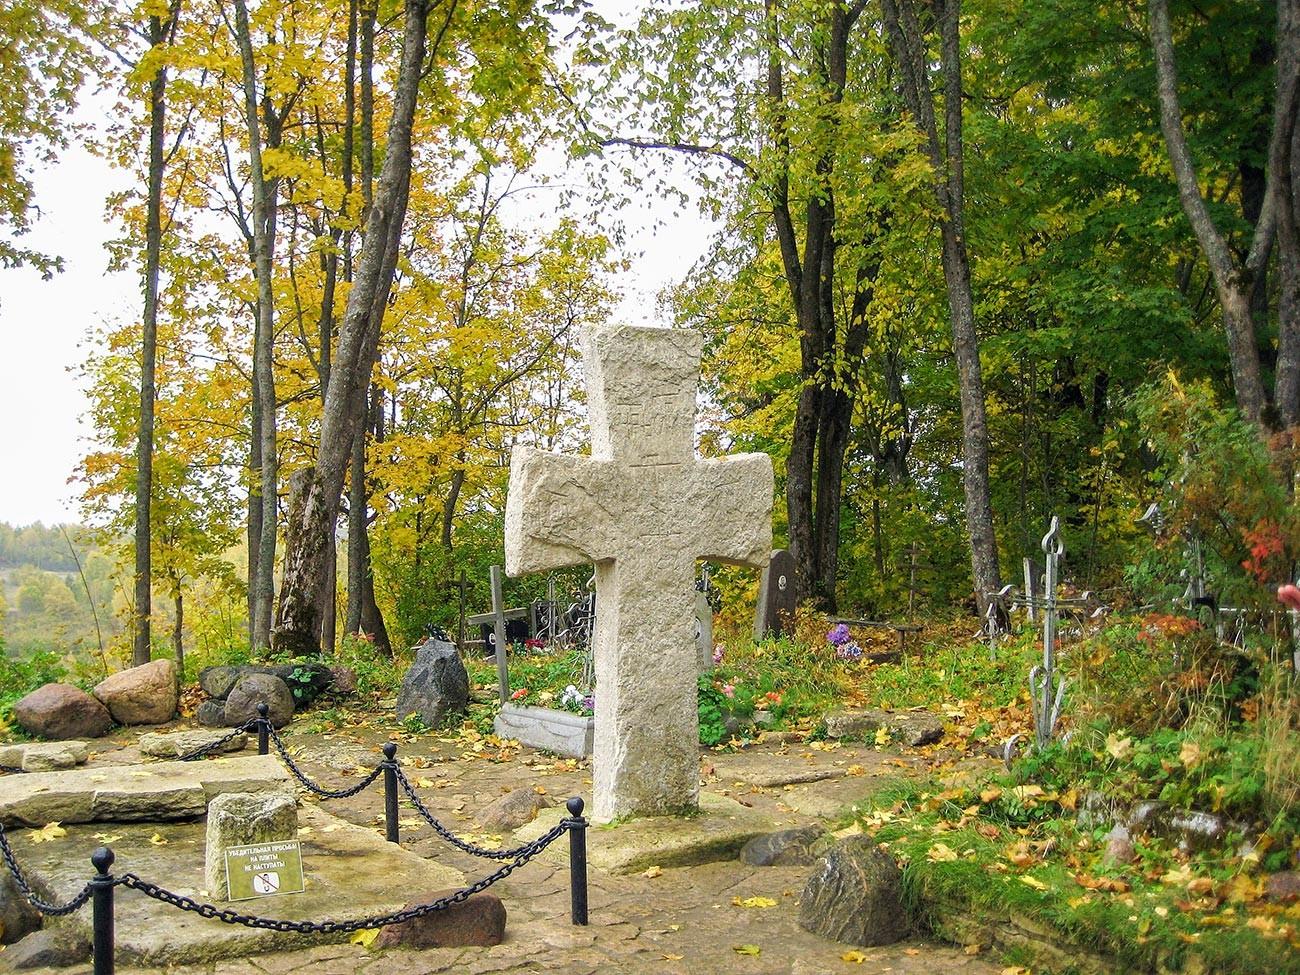 Croix de Trouvor, à Izborsk. Selon la légende, il s'agirait de la tombe de Trouvor, néanmoins, les chercheurs affirment qu'elle a été installée plusieurs siècles après la mort supposée de ce personnage. Les habitants l'auraient érigée à l'emplacement de l'ancienne ville, en signe d'hommage.